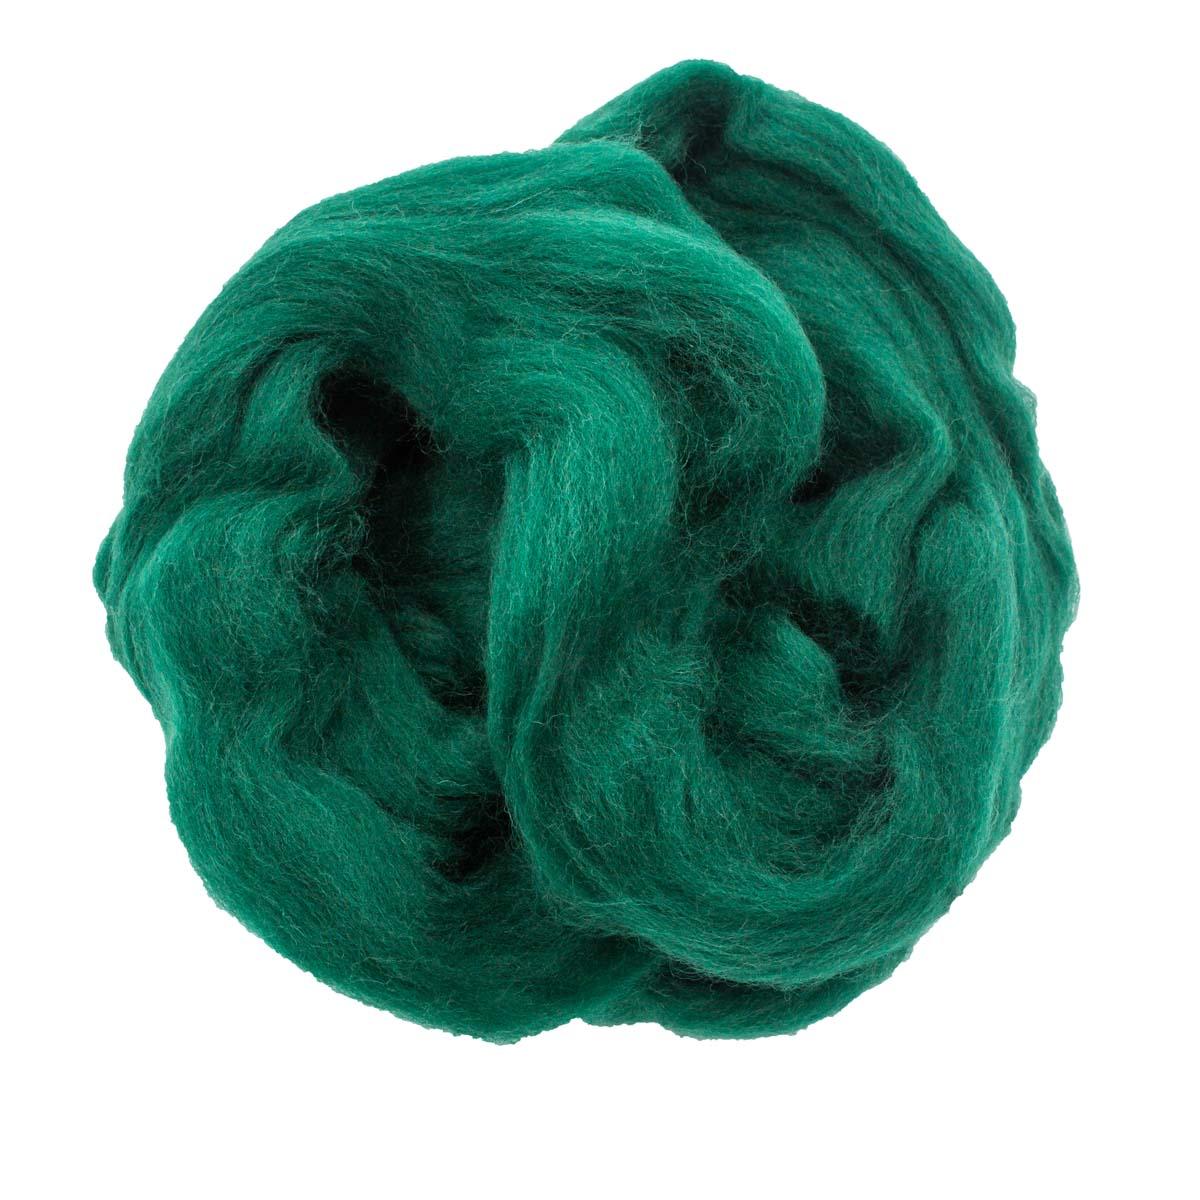 84328 2 ORCHIDEA Шерсть для валяния, цвет